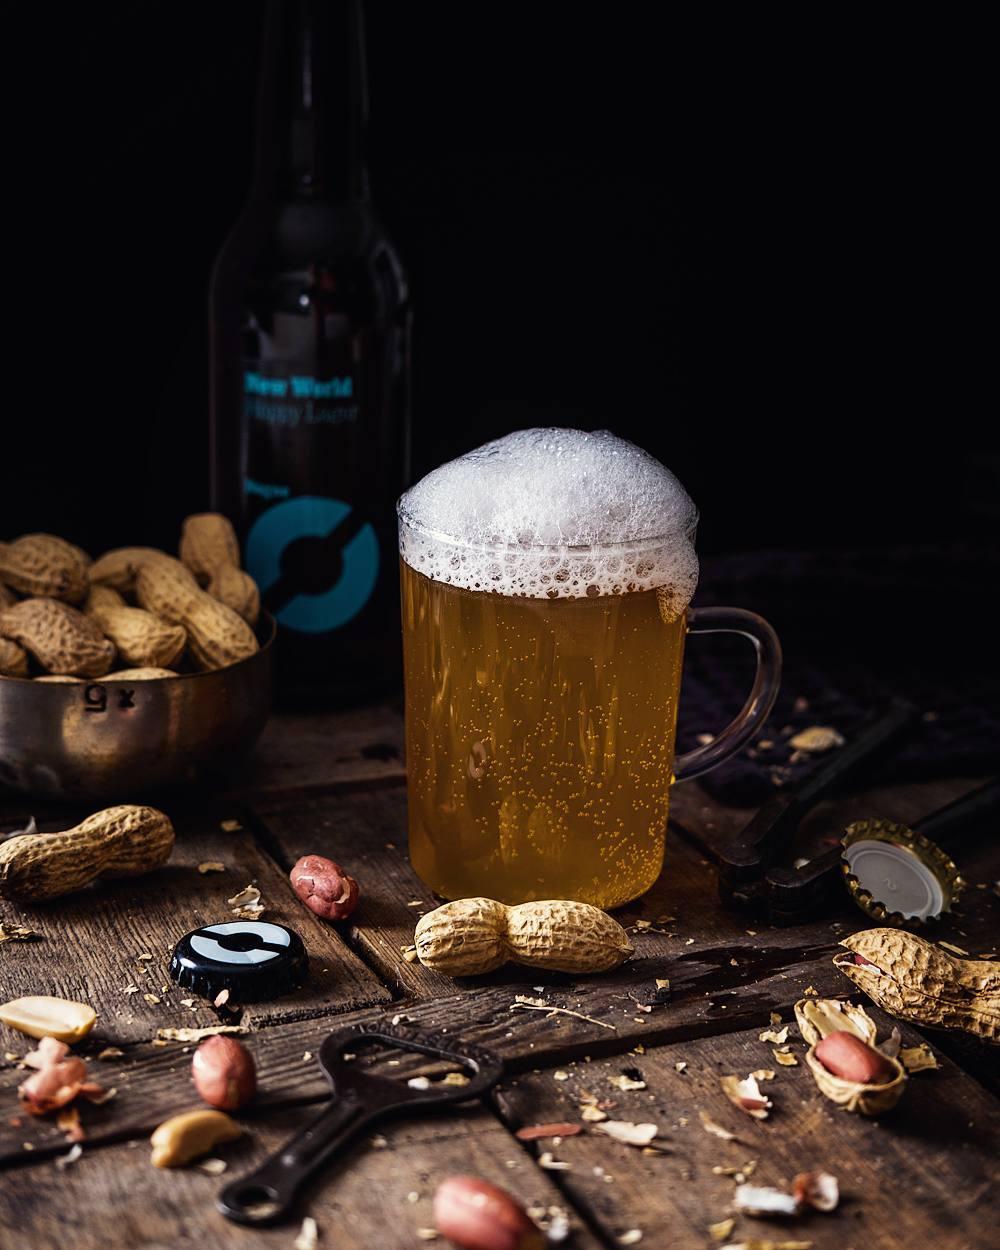 øl foto produkt nøgne ø drink fotograf mats dreyer